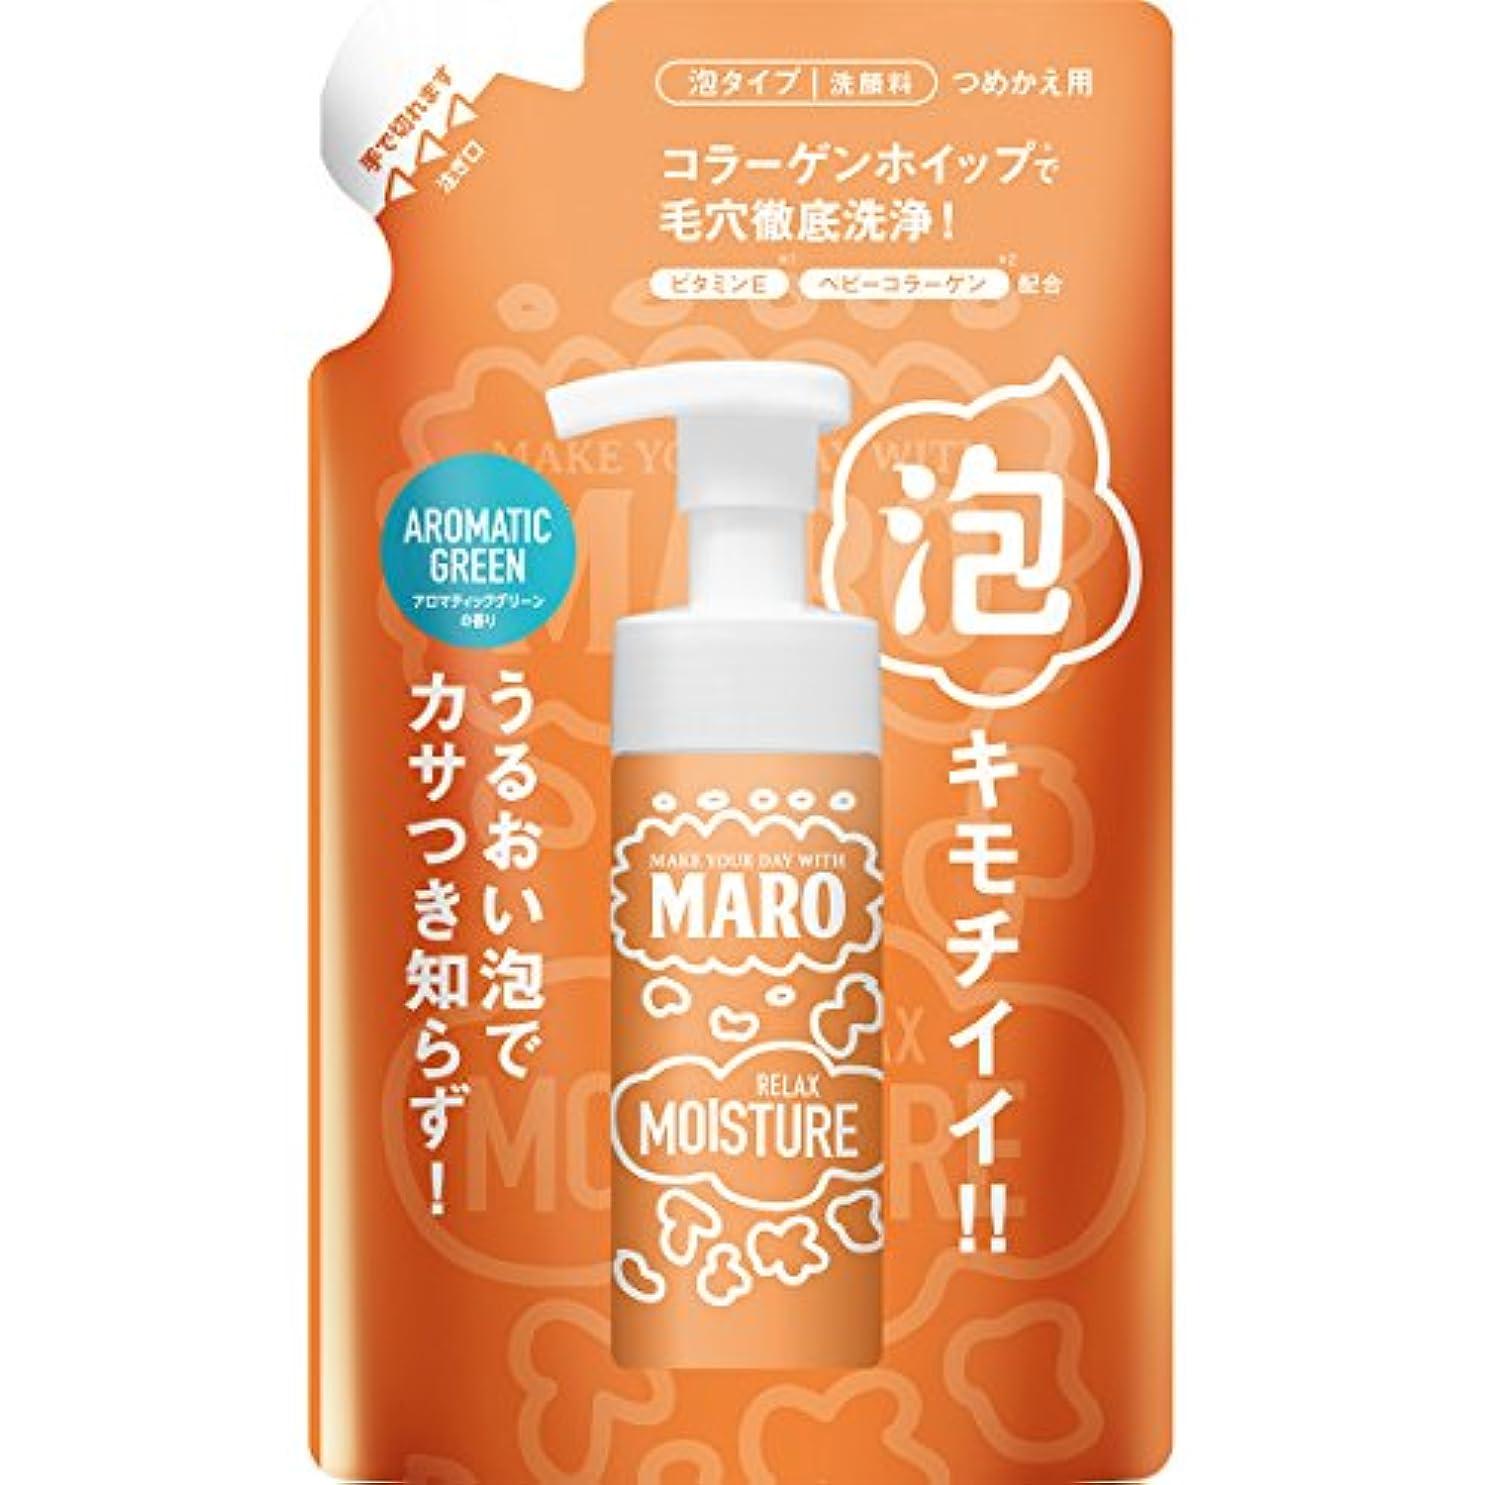 タオル孤児毎週MARO グルーヴィー 泡洗顔 詰め替え リラックスモイスチャー 130ml